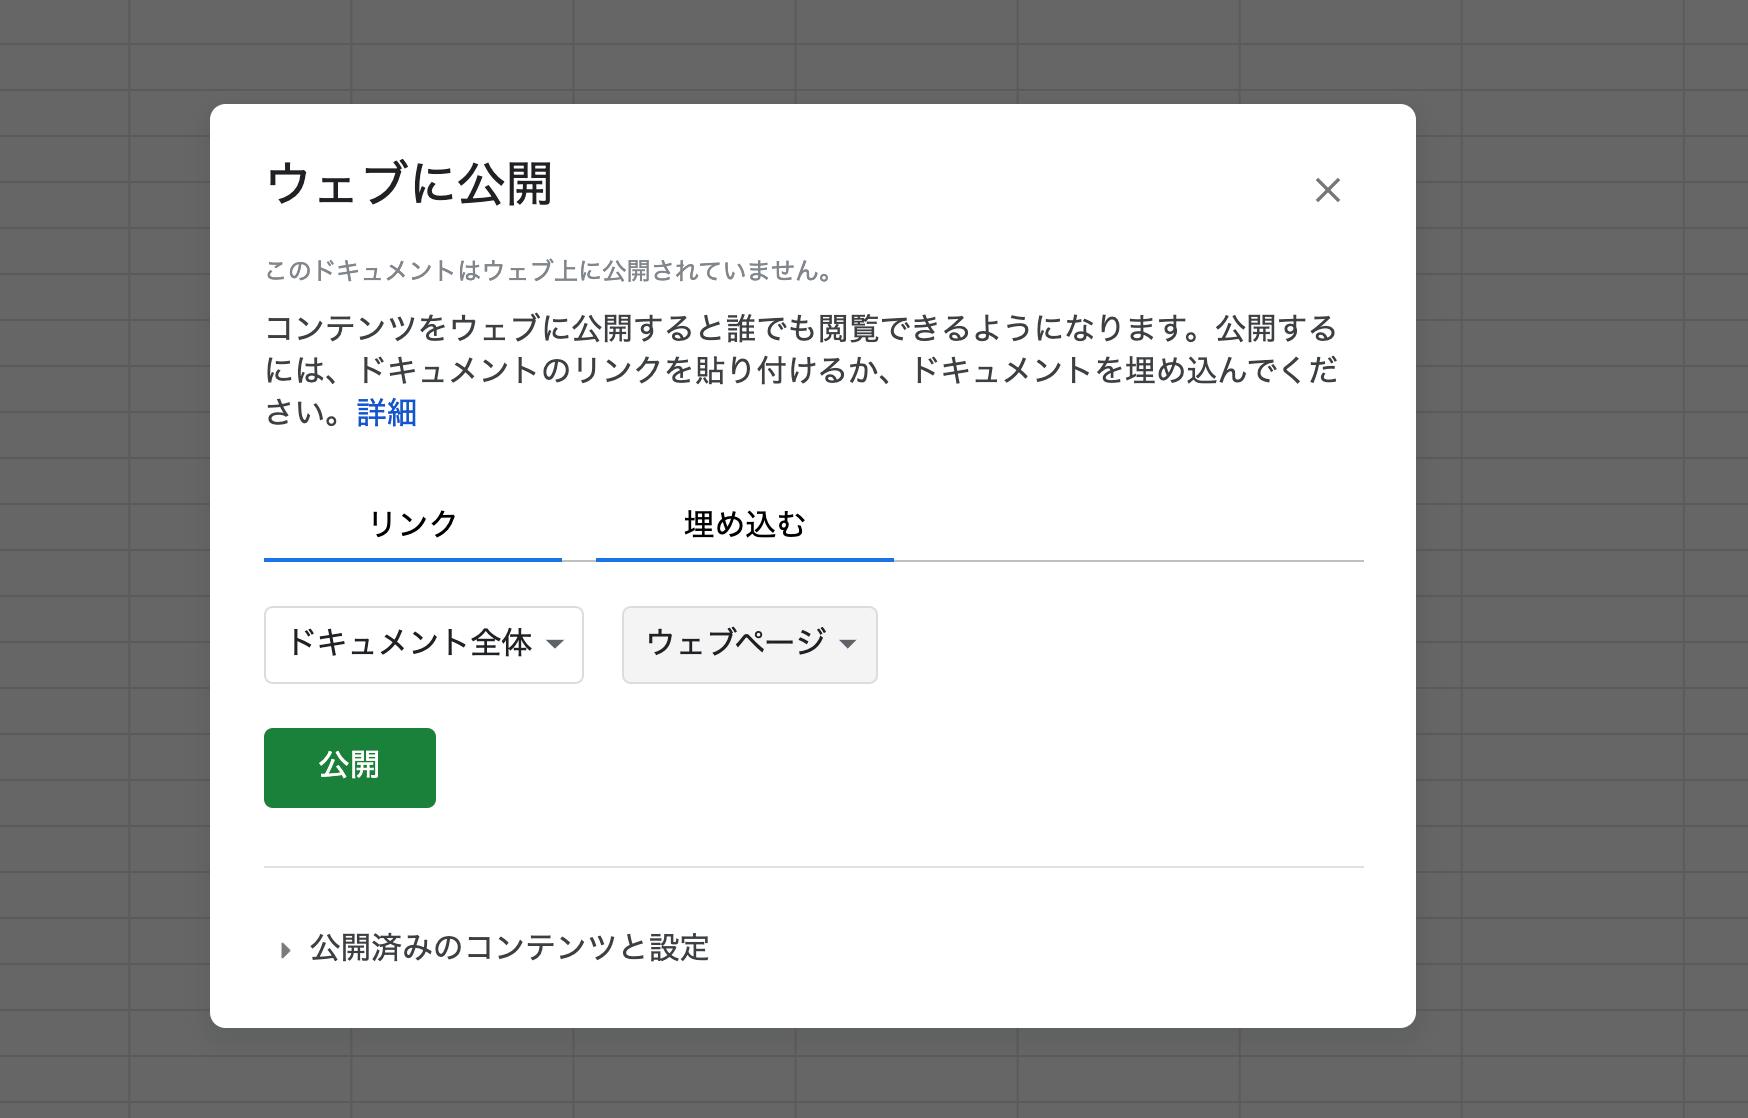 Screenshot 2020-01-08 at 12.19.27.png